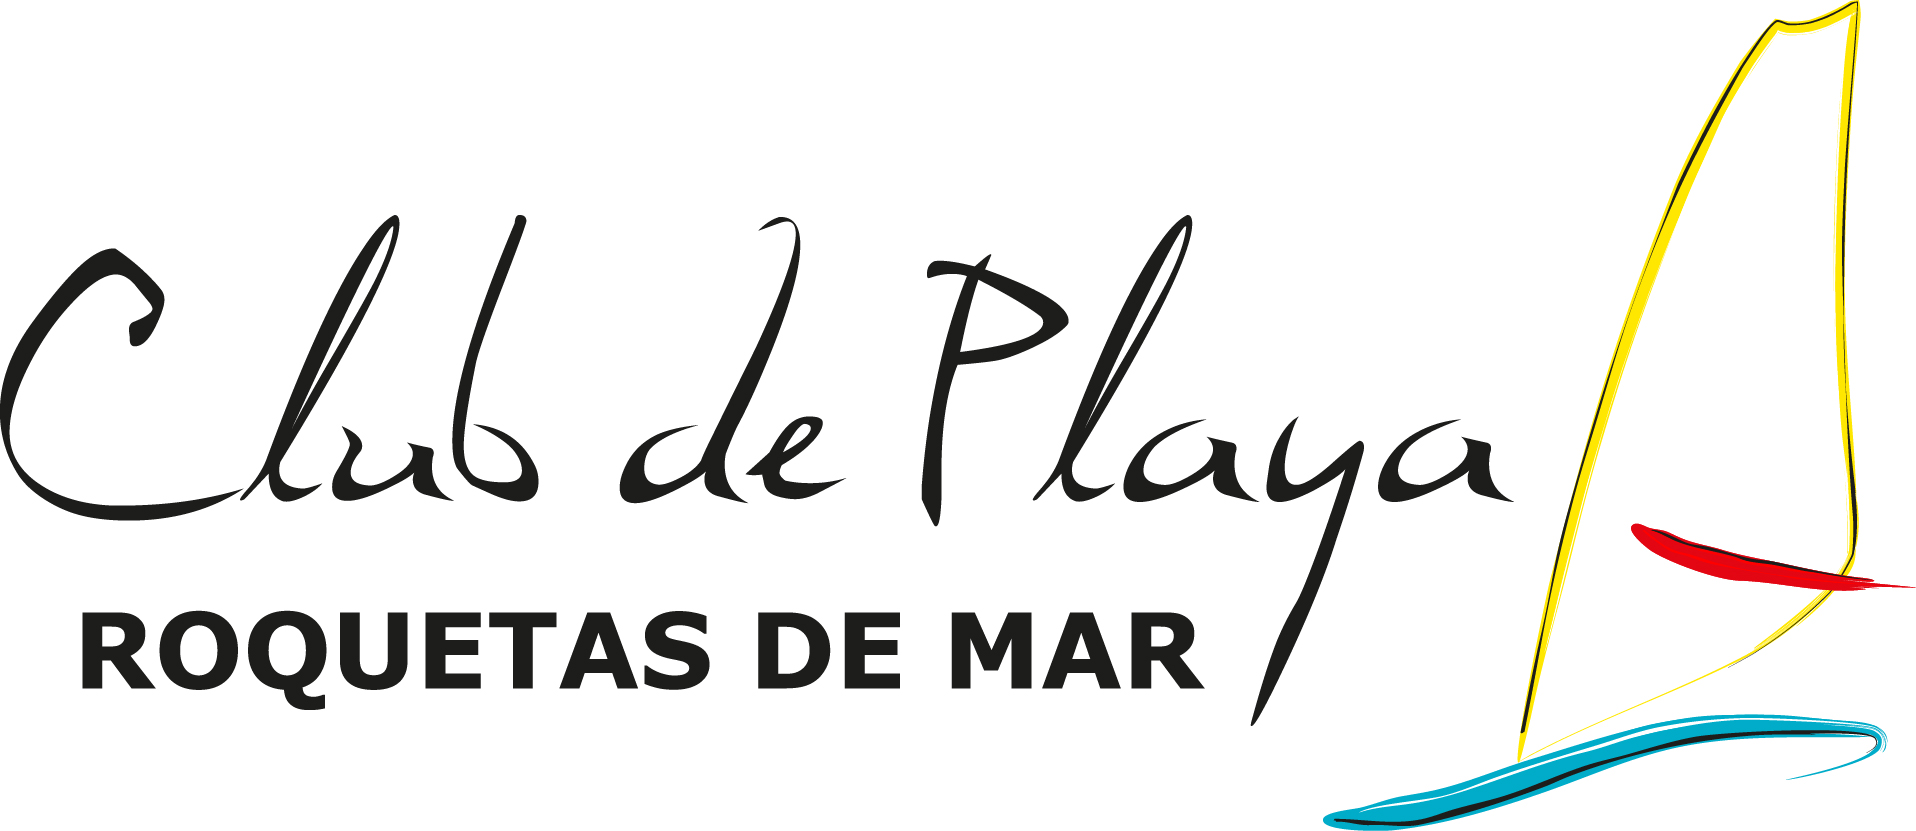 Club de Playa Roquetas